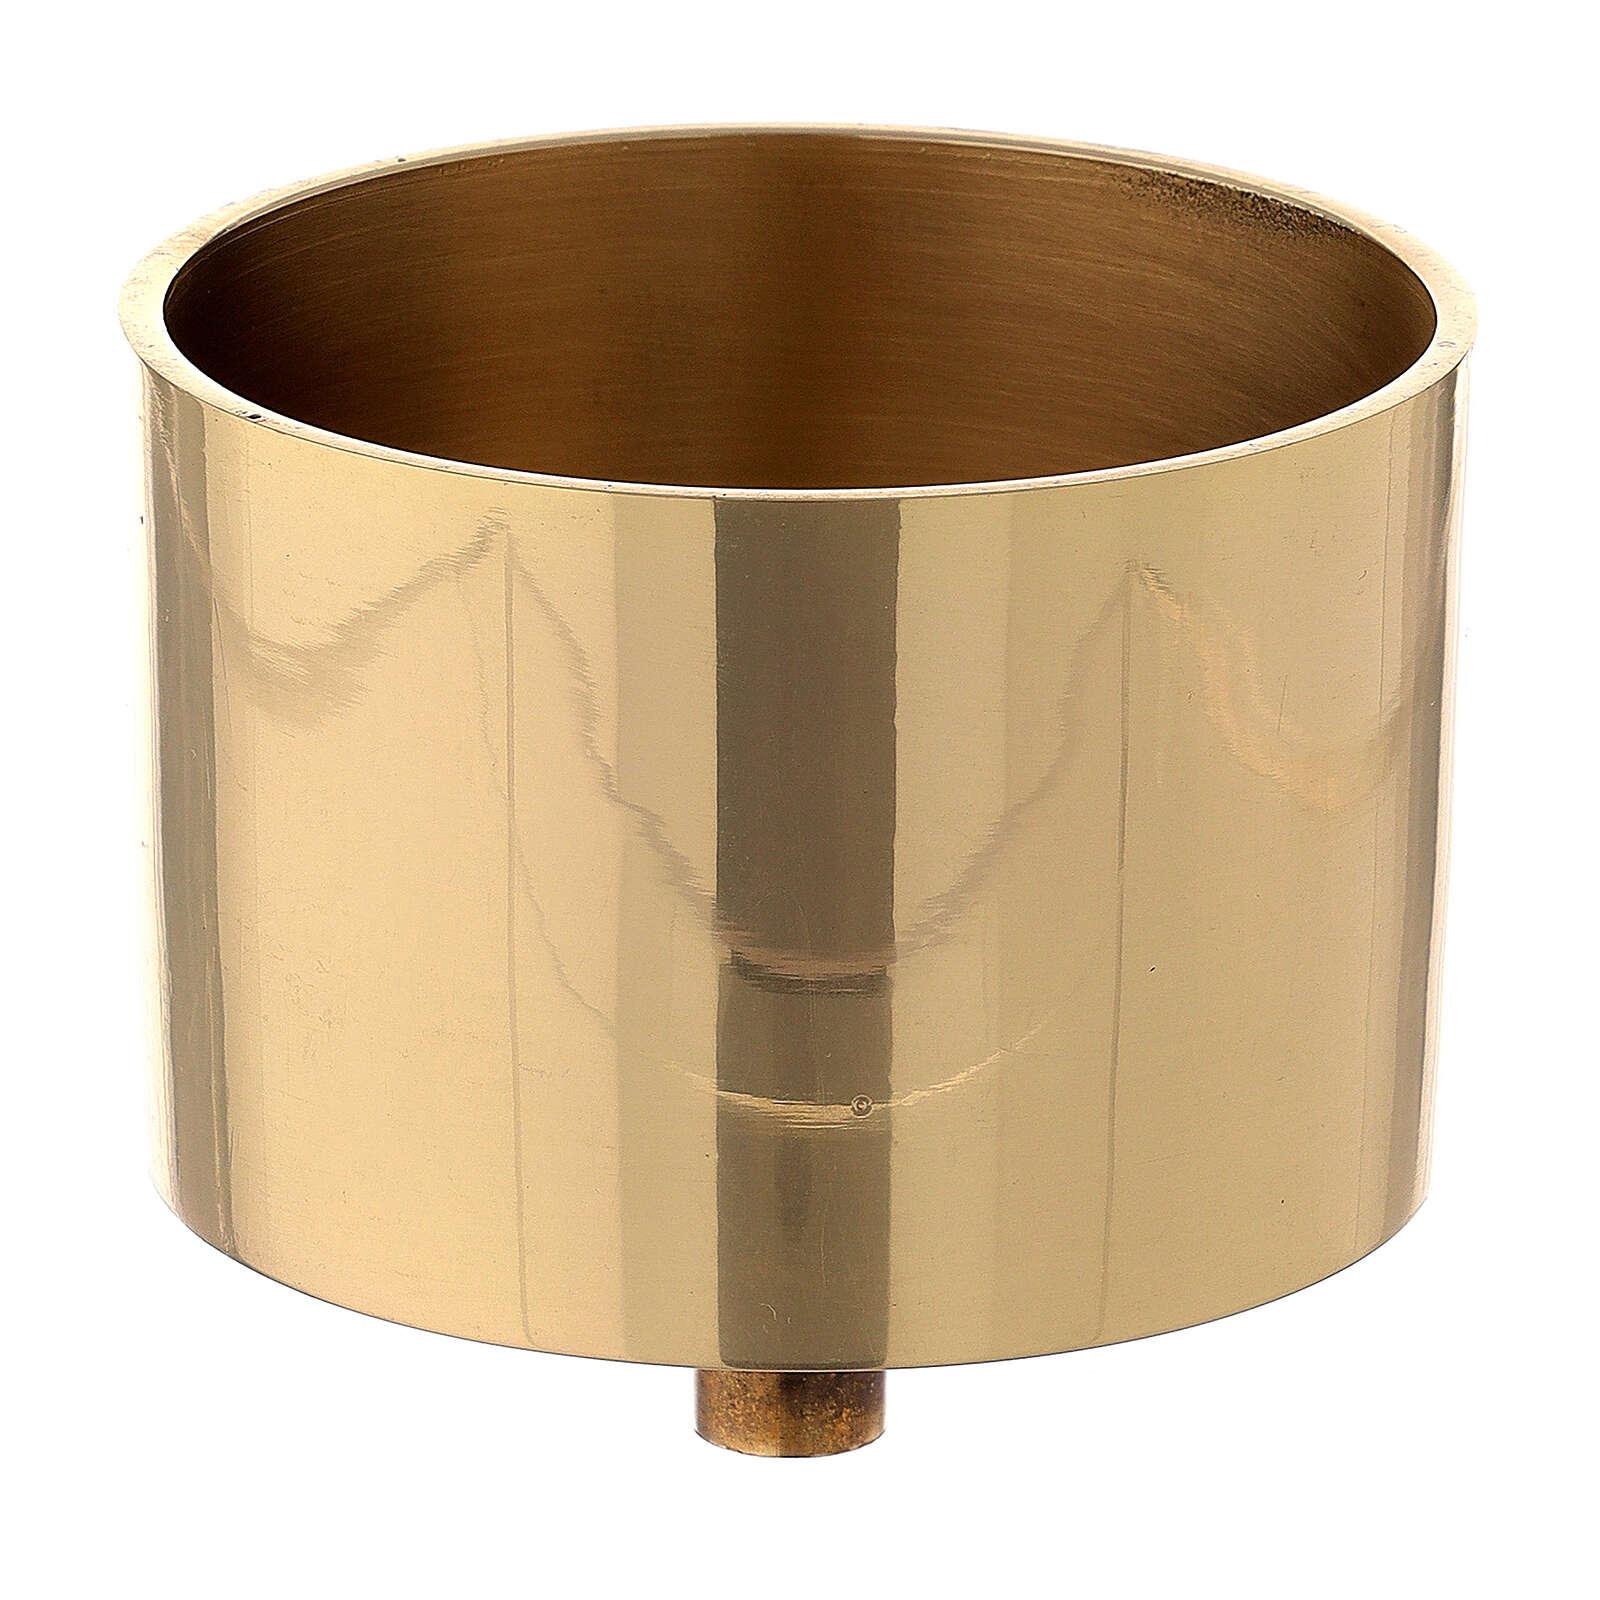 Bossolo candela ottone dorato 8 cm 4